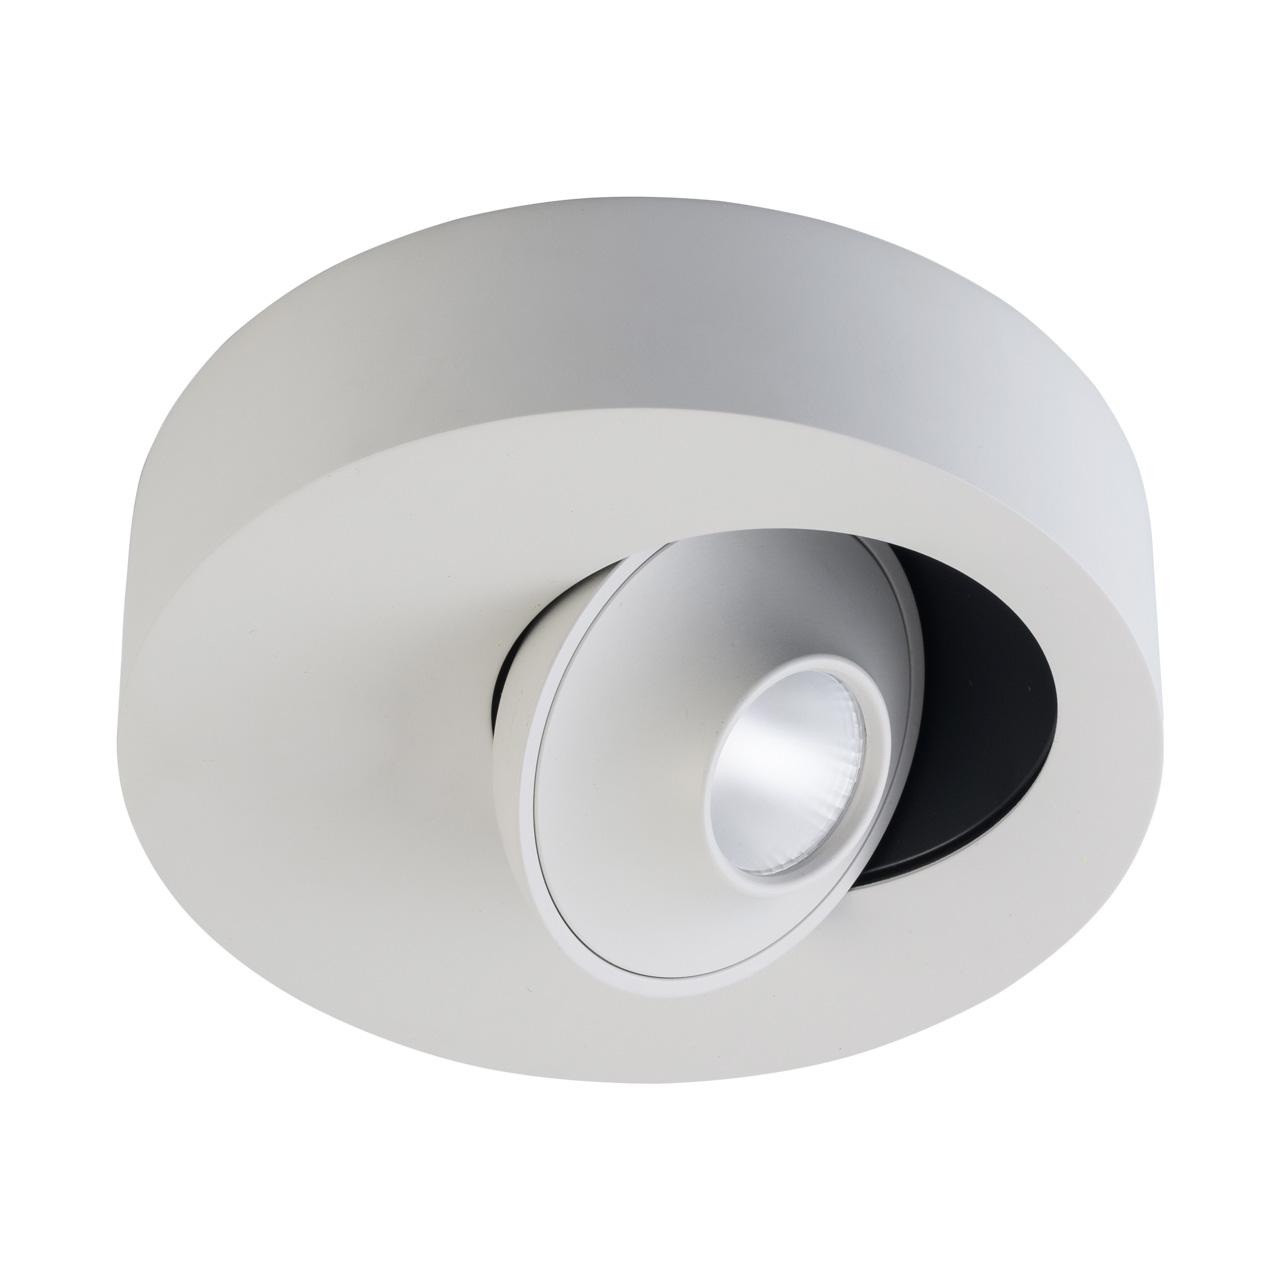 Светильник De markt 637016501 1/7w led светильник de markt 813010401